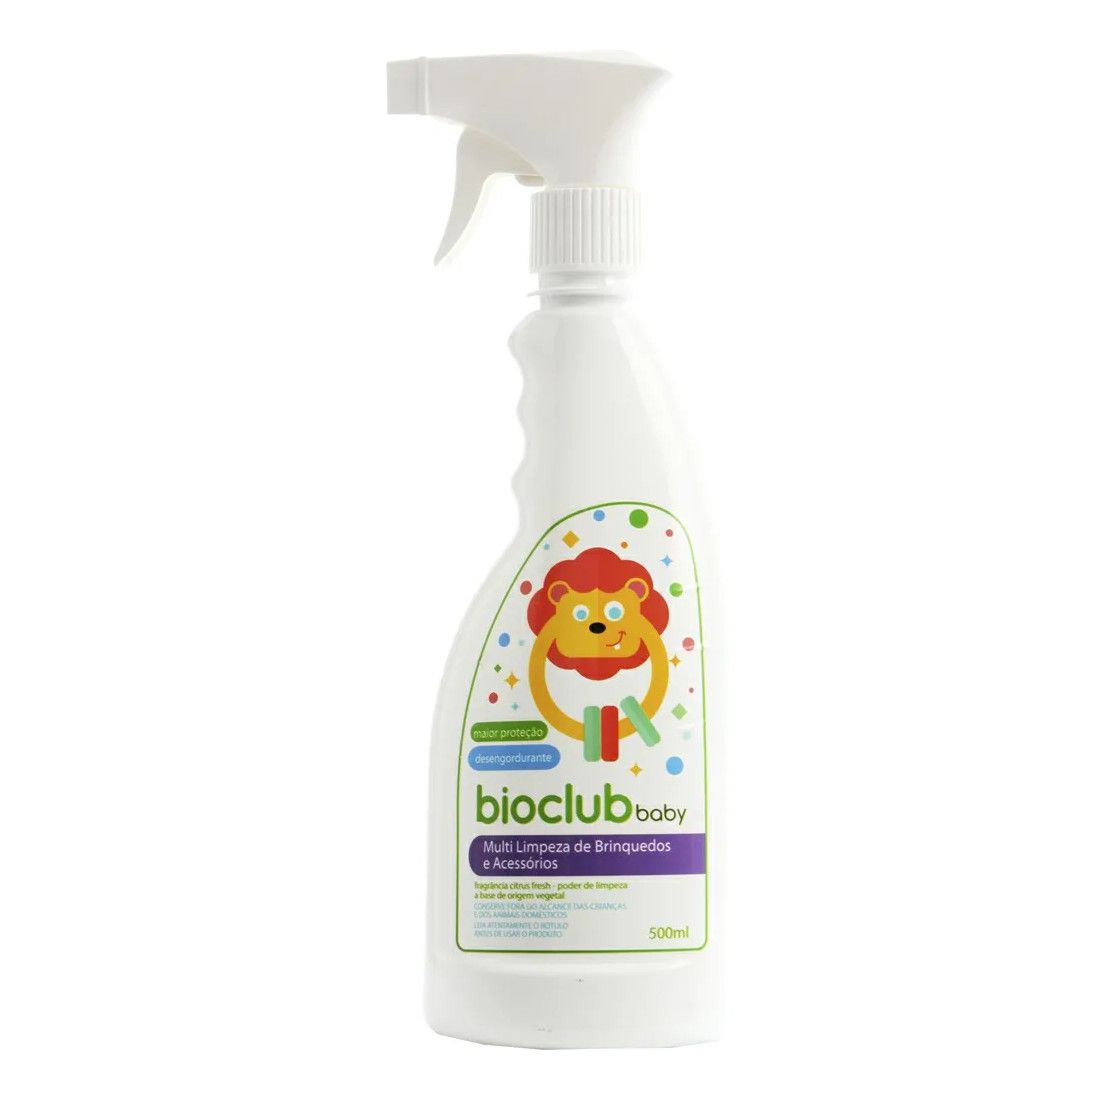 Multilimpeza de Brinquedos e Acessórios 500 ml BioClub